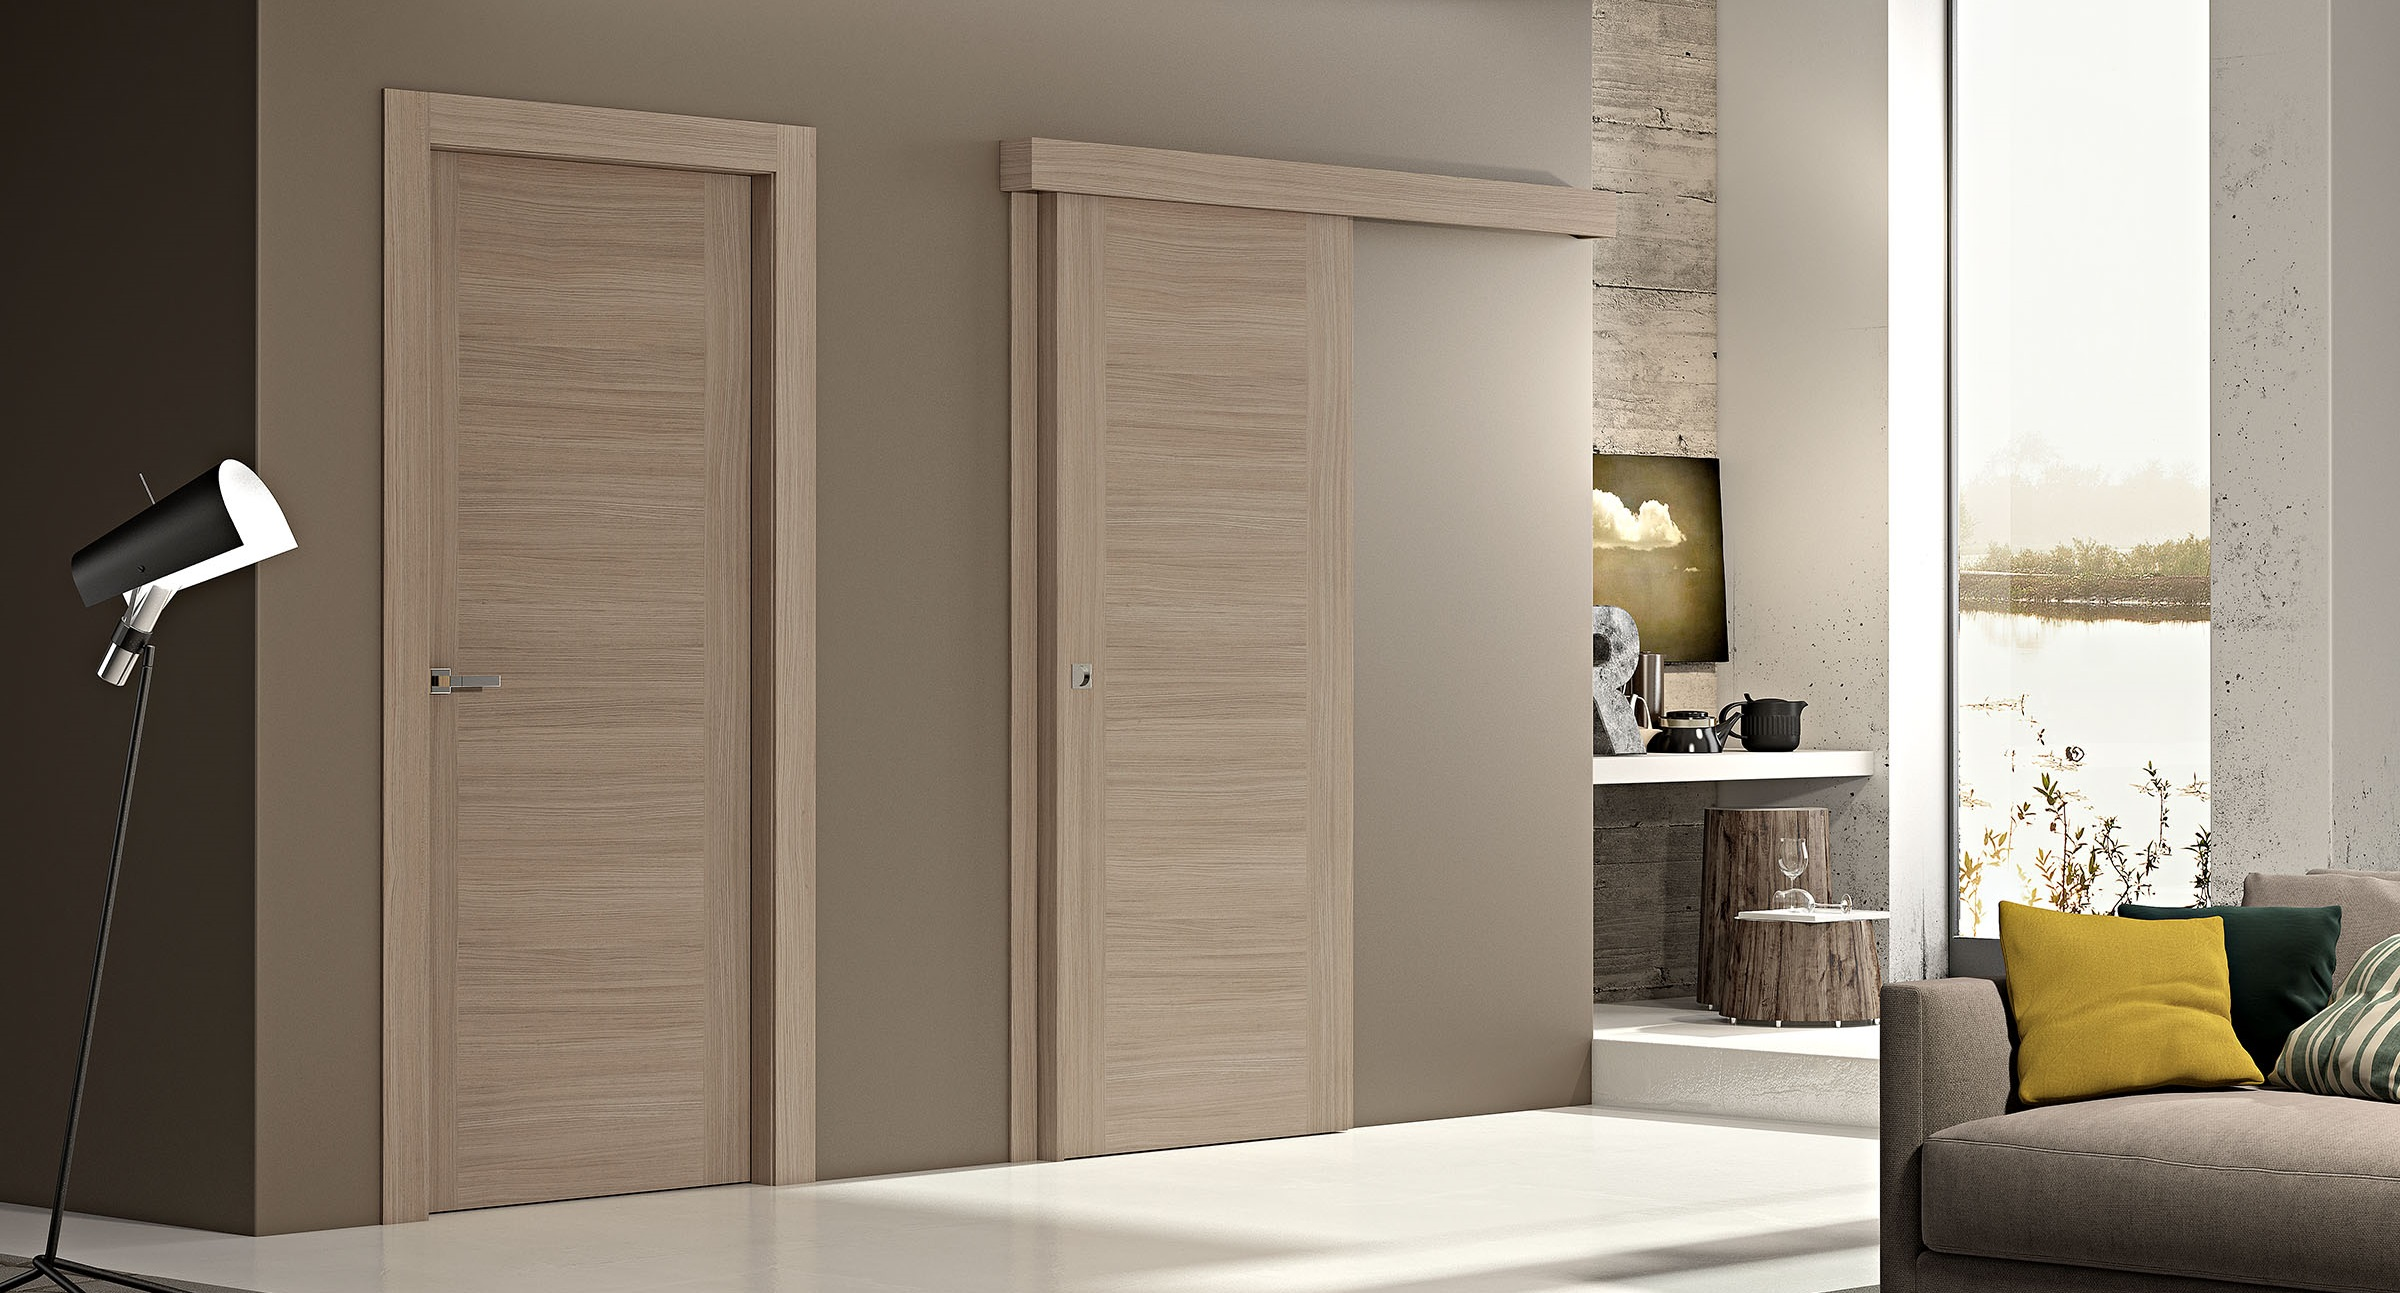 ᐈ  ???? ???? оформление дверного проема без двери шторами   ⭐ 2020 дизайн интерьера a-r-s